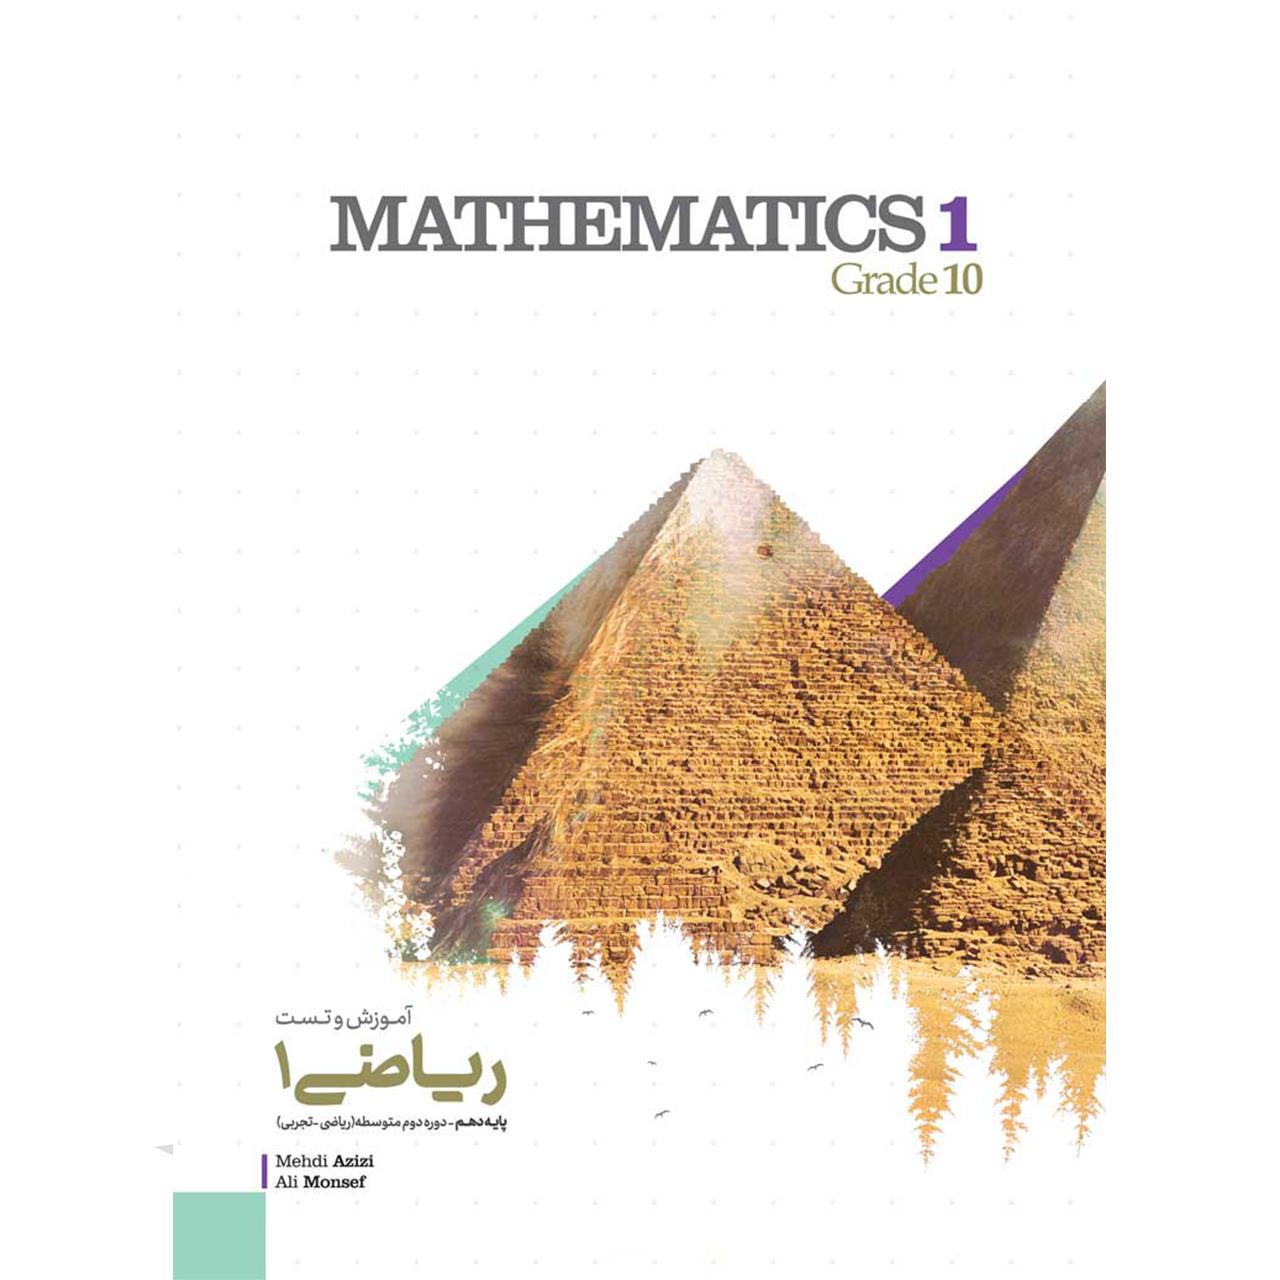 کتاب آموزش و تست کنکور ریاضی (1) دهم انتشارات کاگو اثر مولفان